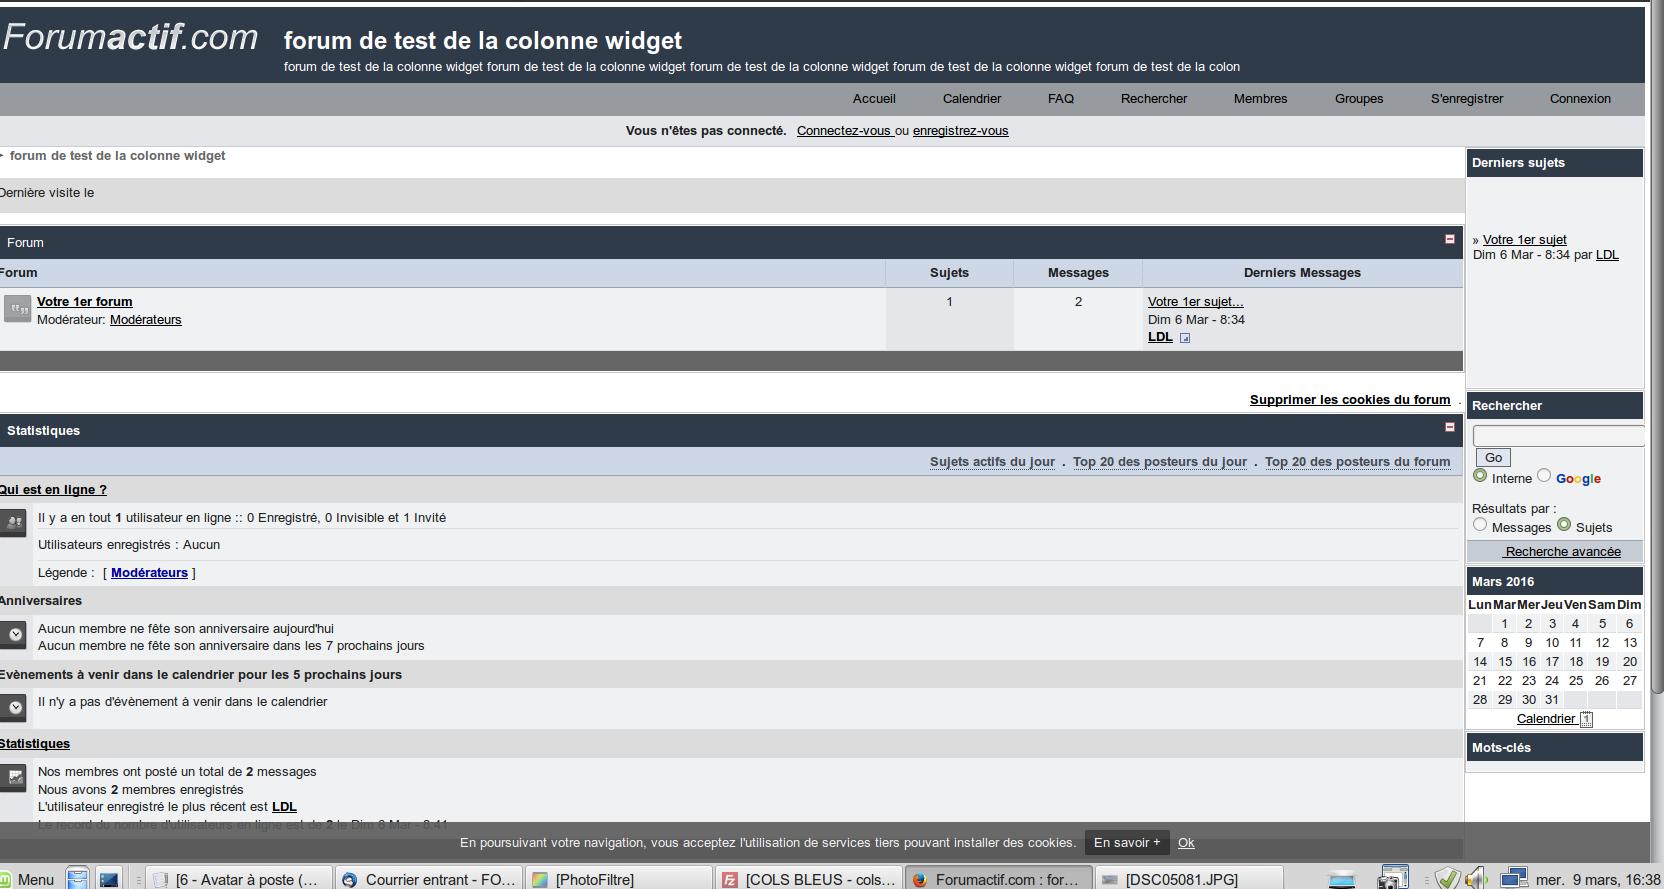 fa_toolbar - Widgets simplement sur la page d'accueil du forum Screen26